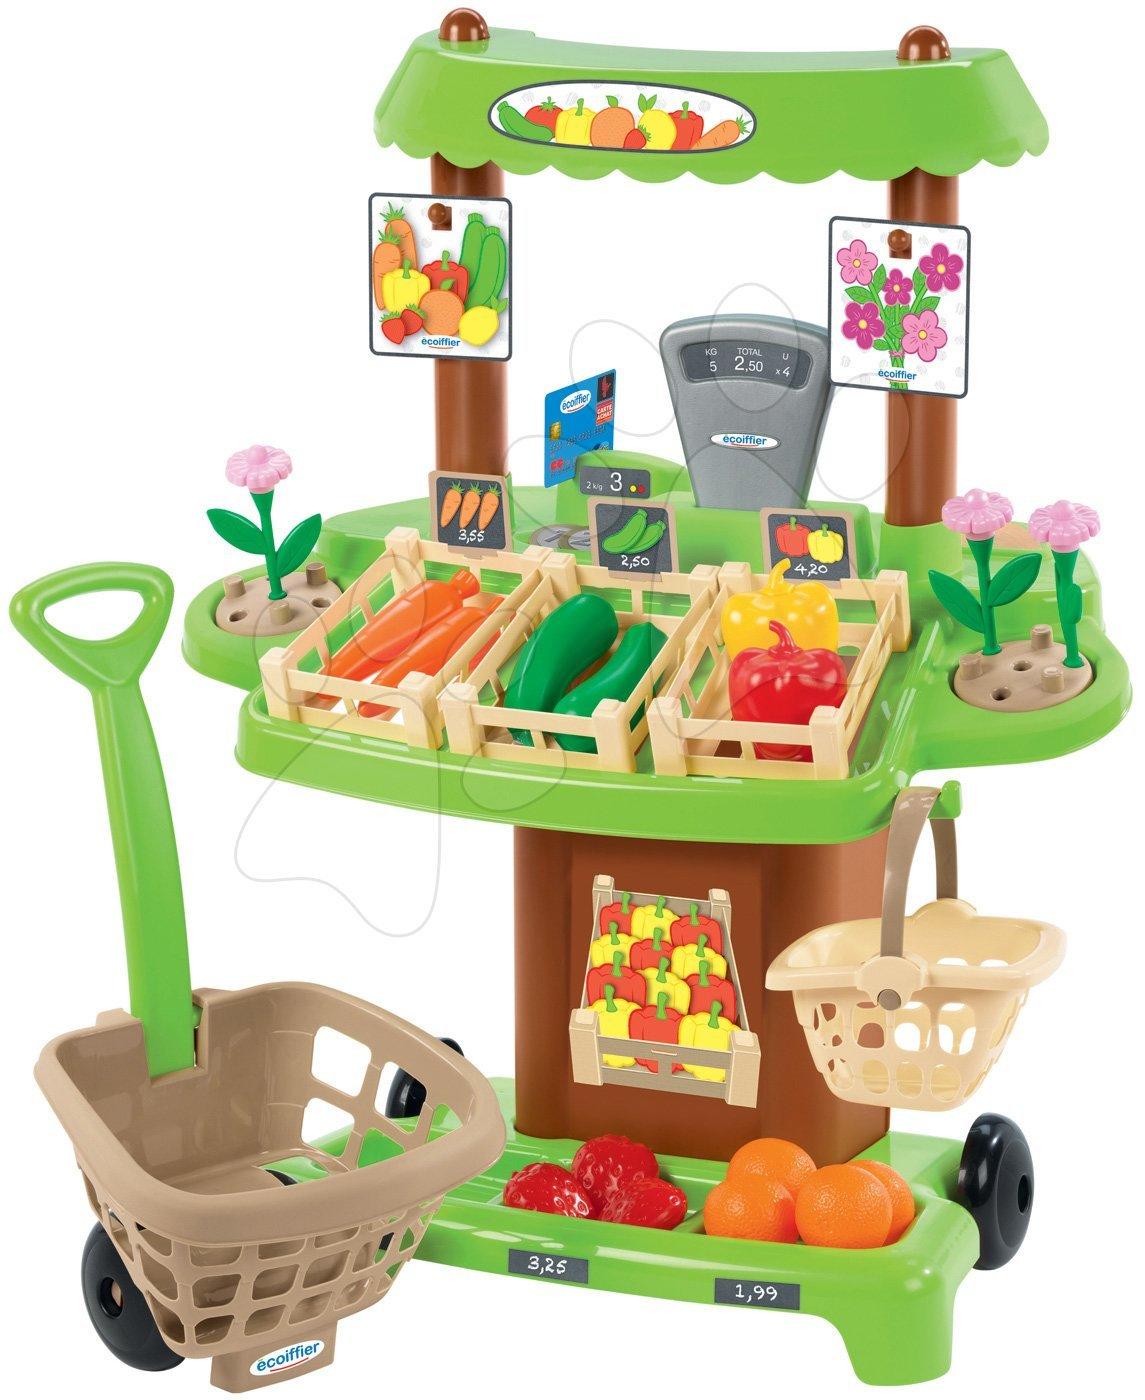 Stand de legume Bio cu coş de cumpărături Organic 100% Chef Ecoiffier maro cu 35 de accesorii de la vârsta de 18 luni